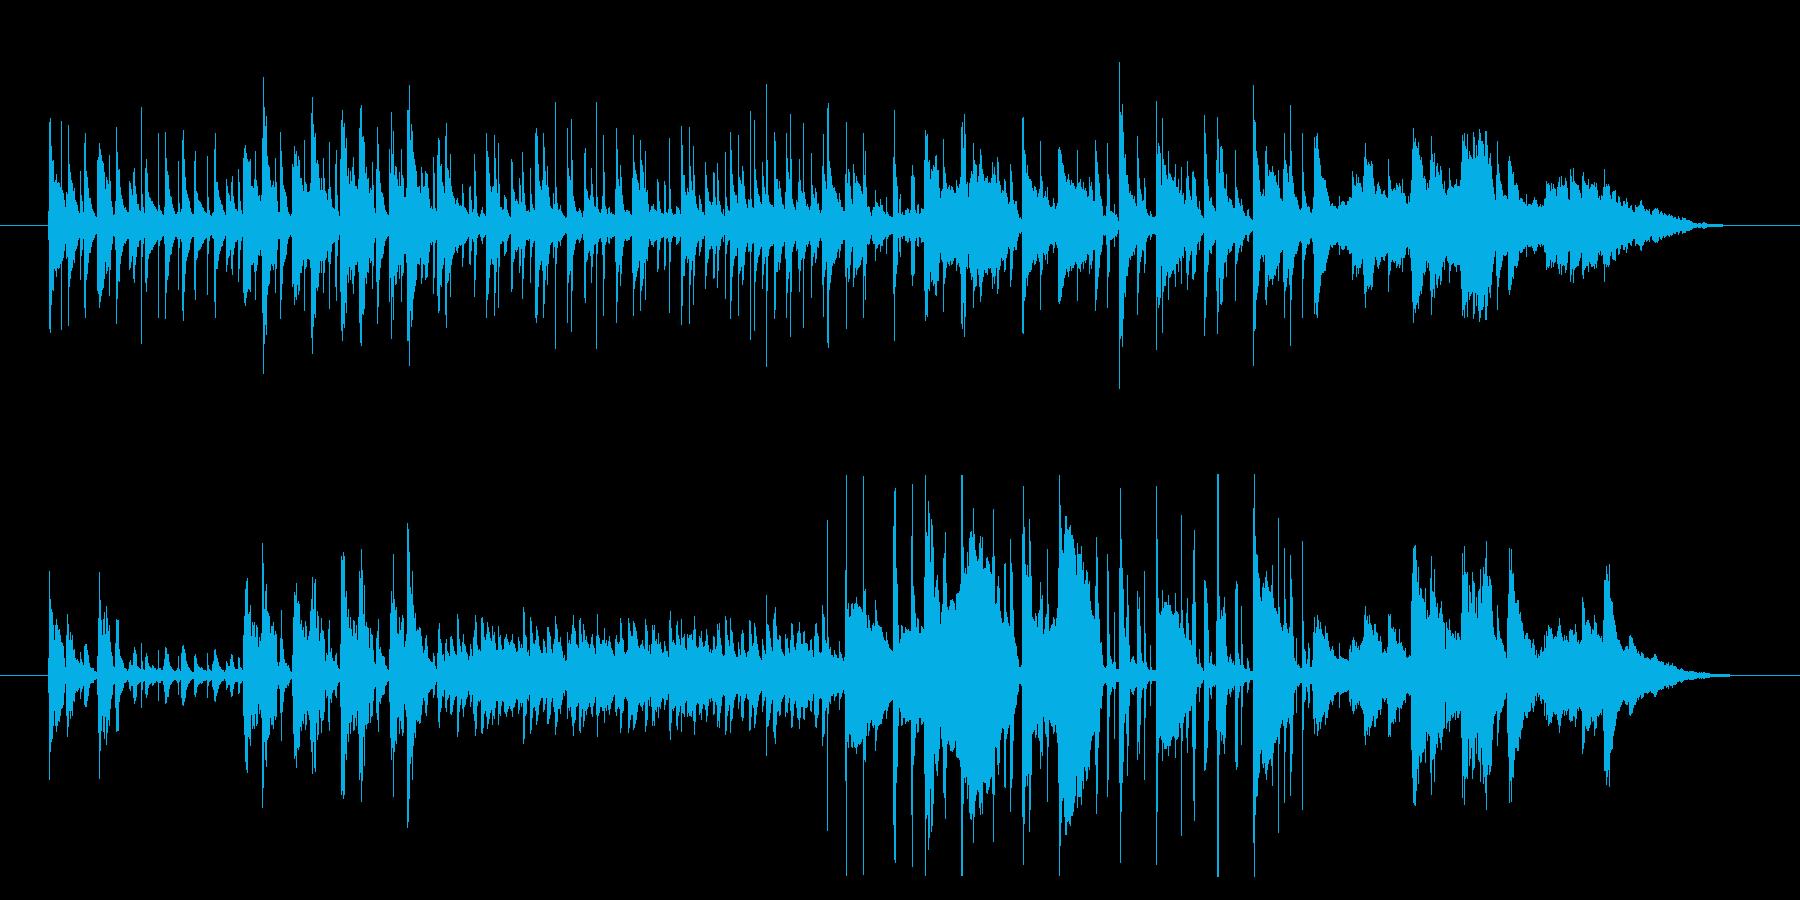 さまざまな楽器が使われたポップの再生済みの波形